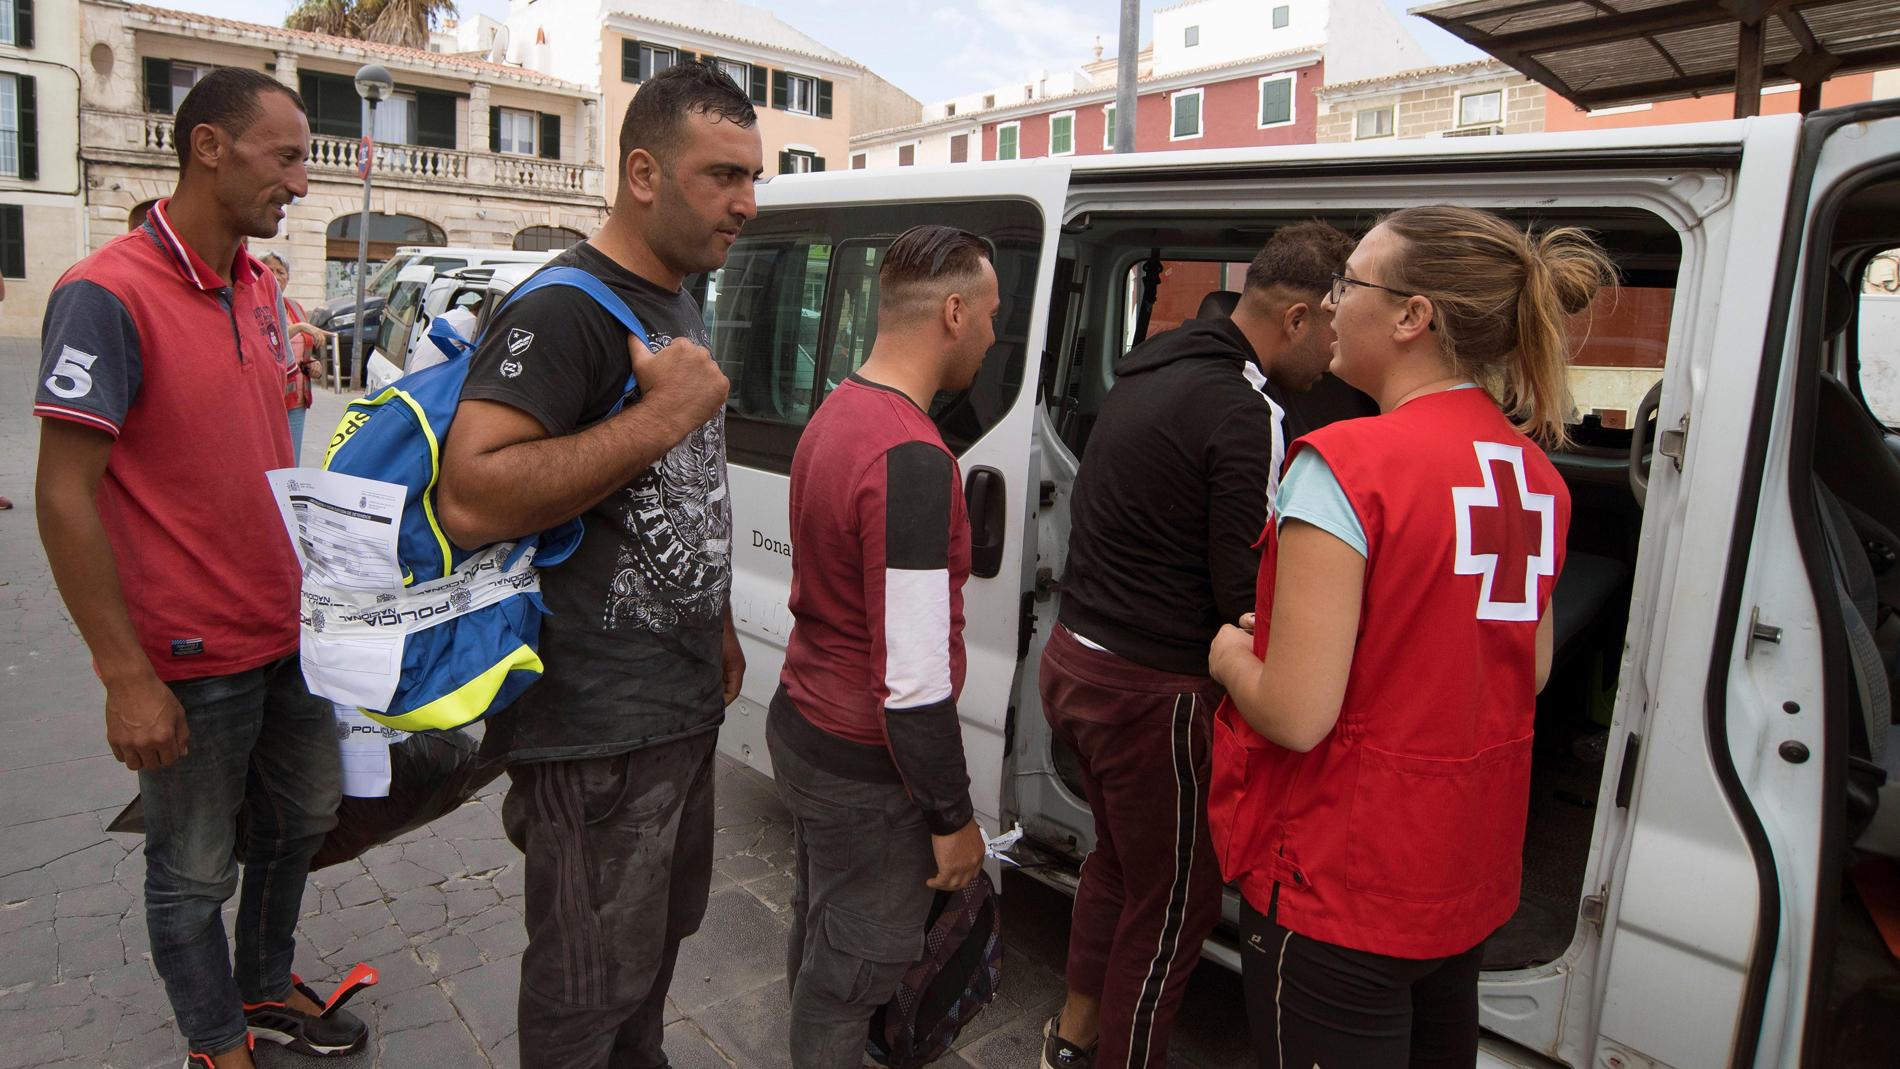 Los inmigrantes llegados en patera a Baleares ascienden a 370 en lo que va de año